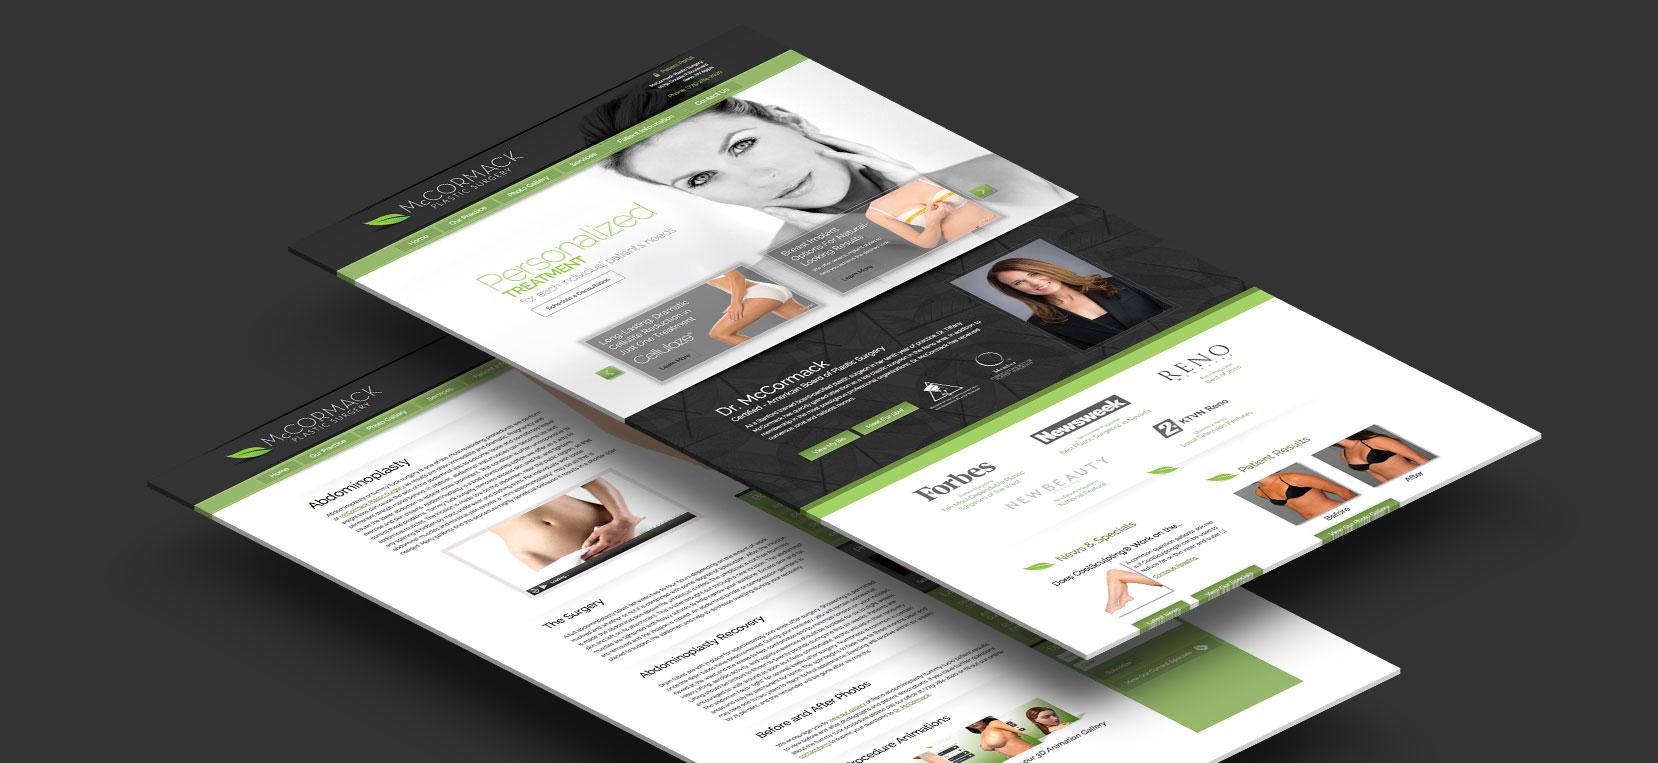 mccormack-website